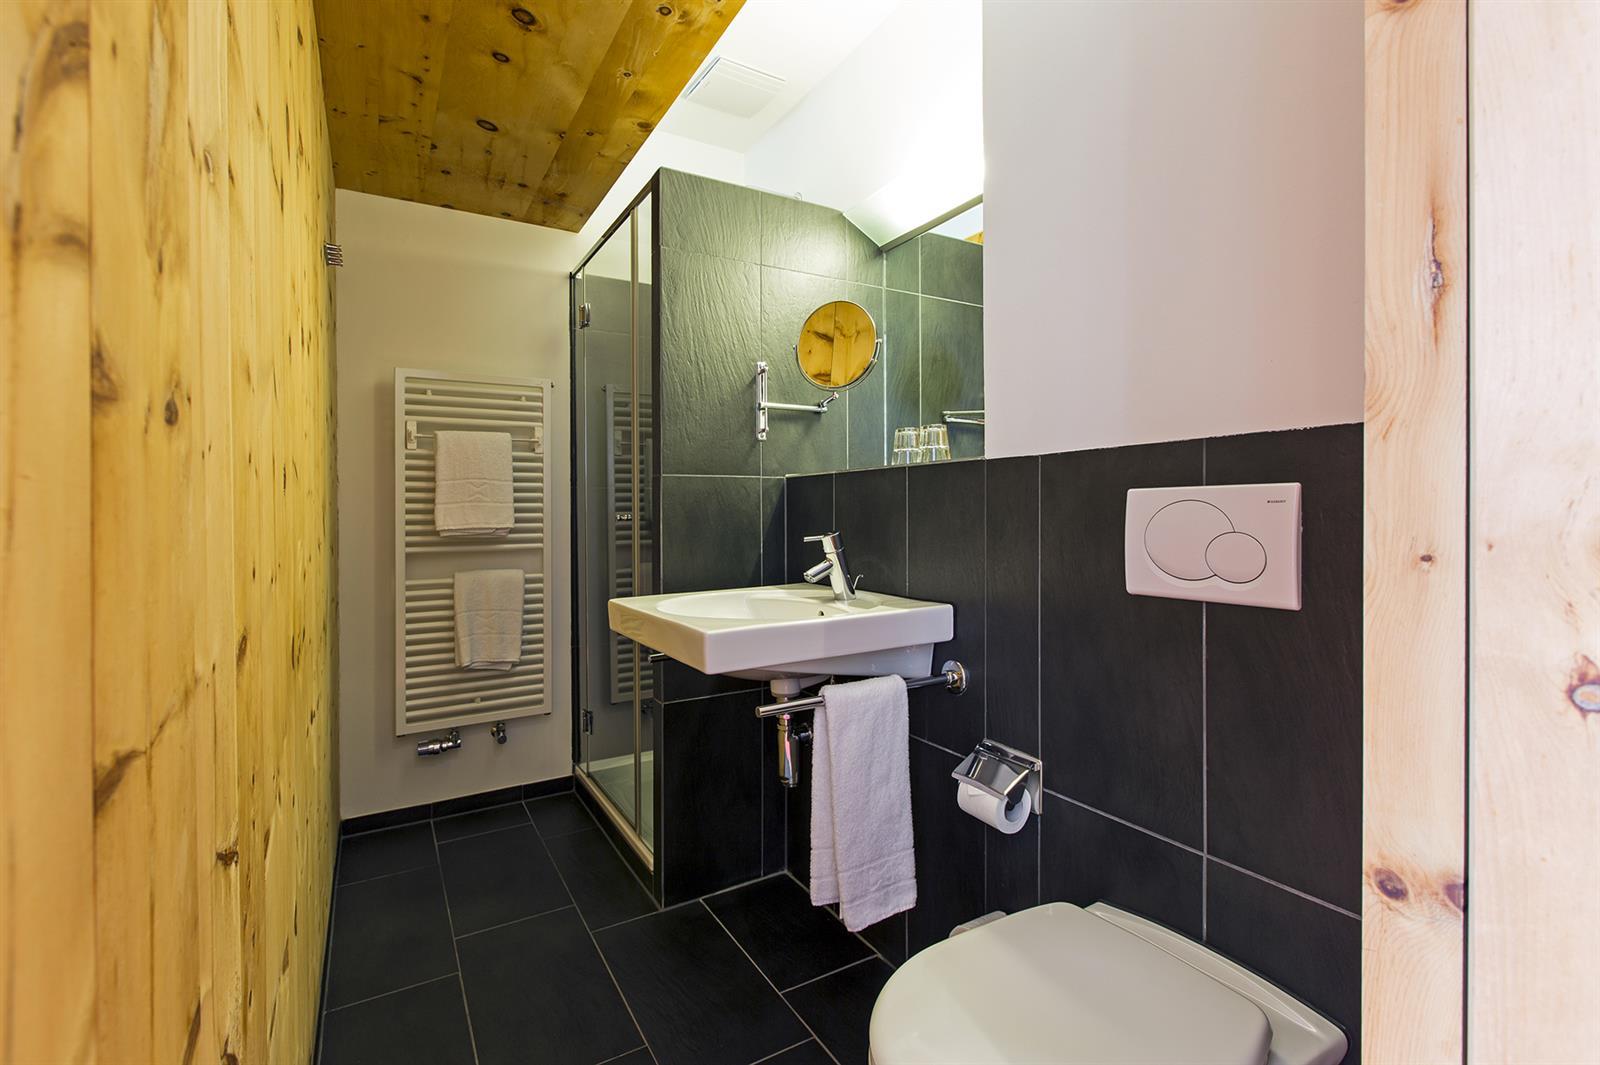 zimmer detail, Badezimmer ideen